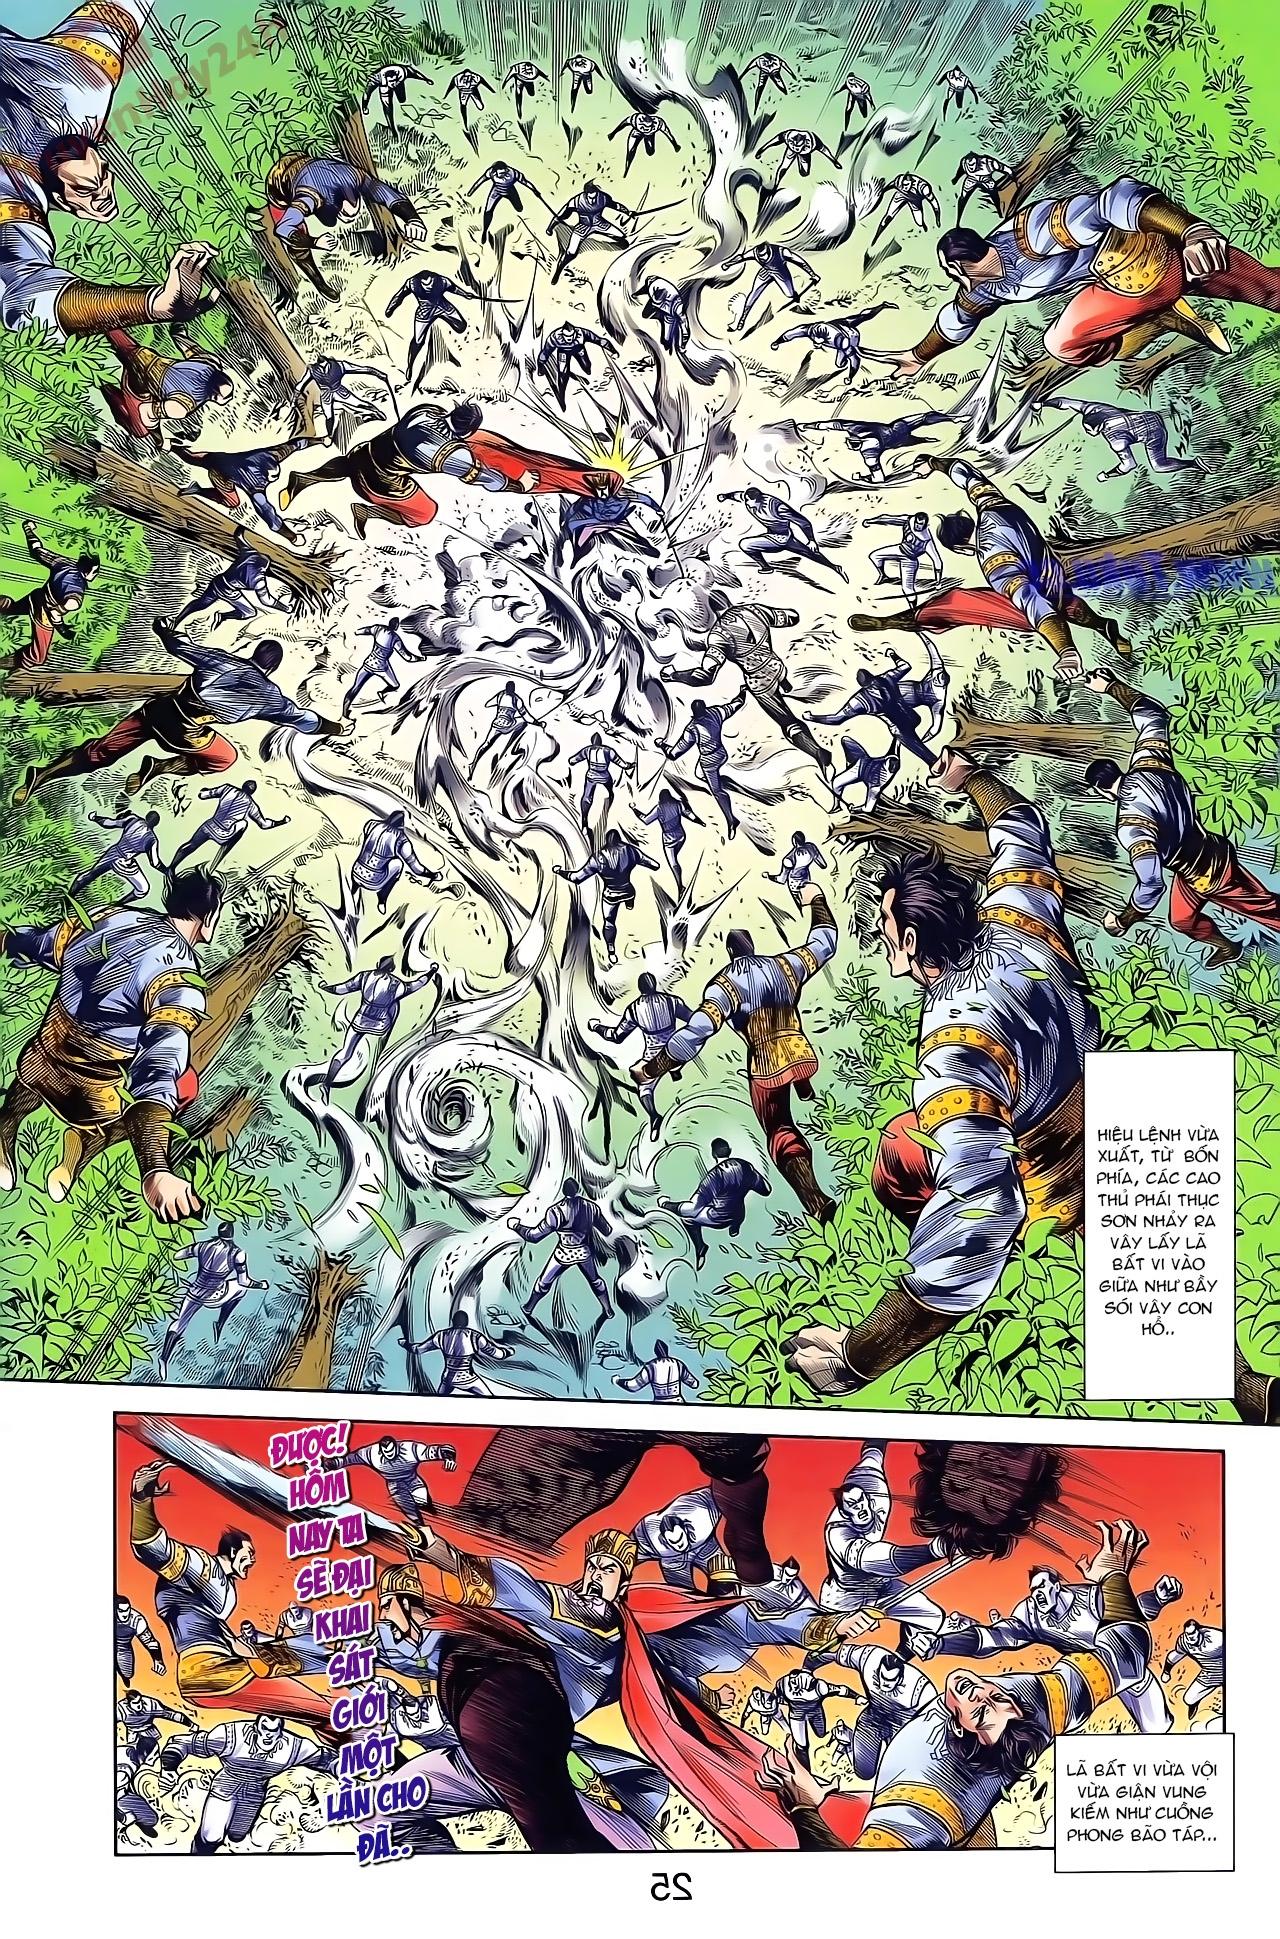 Tần Vương Doanh Chính chapter 45 trang 23